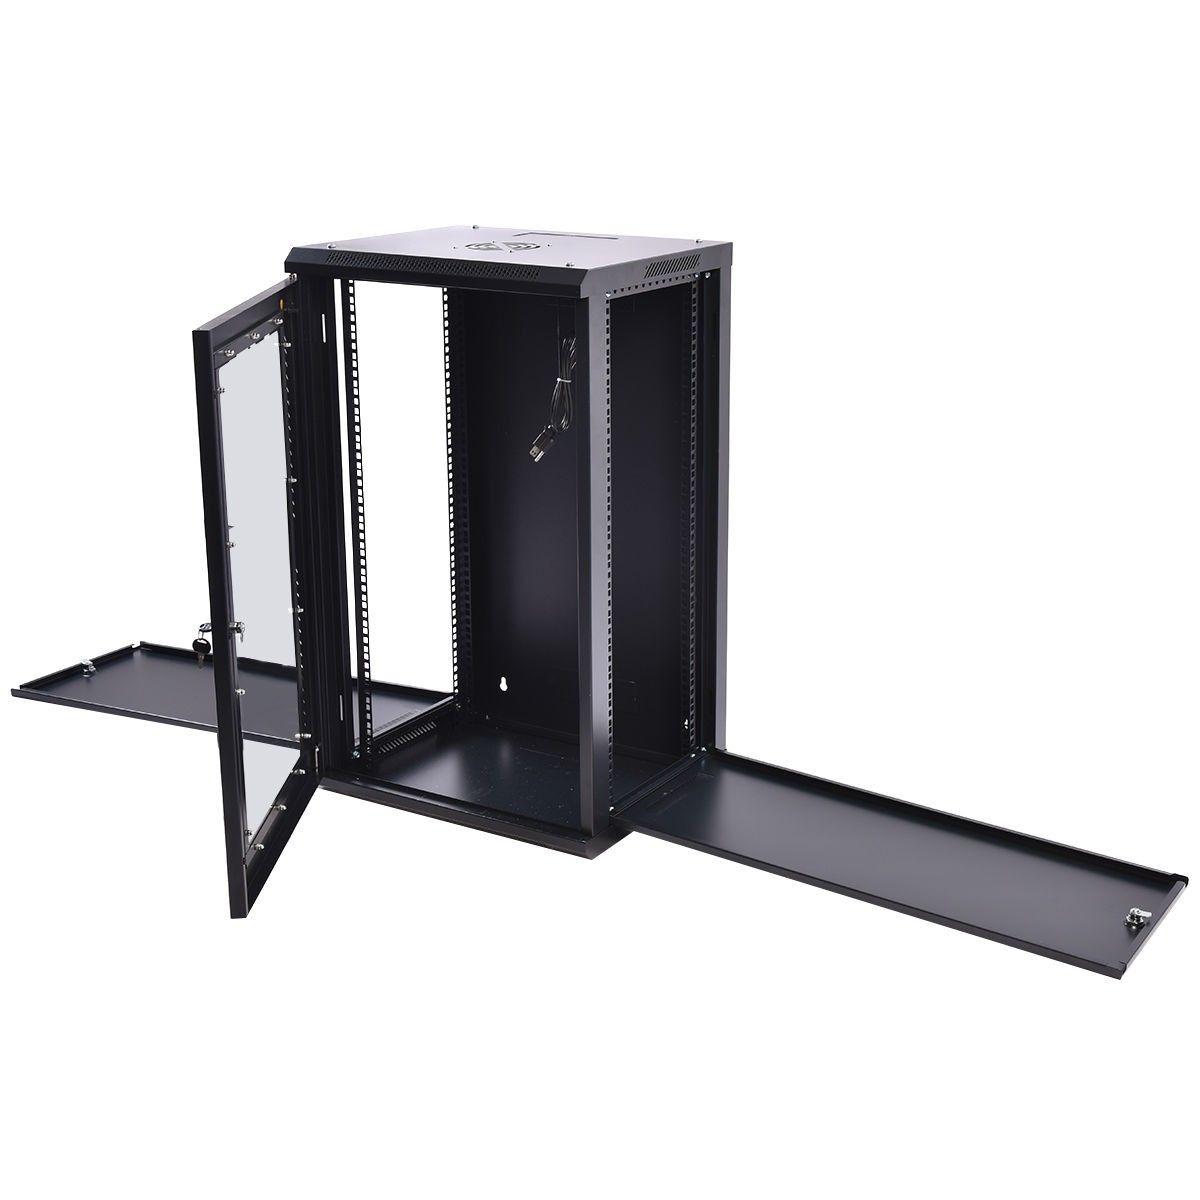 15u Wall Mount Network Server Data Cabinet Enclosure Rack Glass Door Lock W Fan Glass Door Lock Server Rack Wall Mounted Cabinet